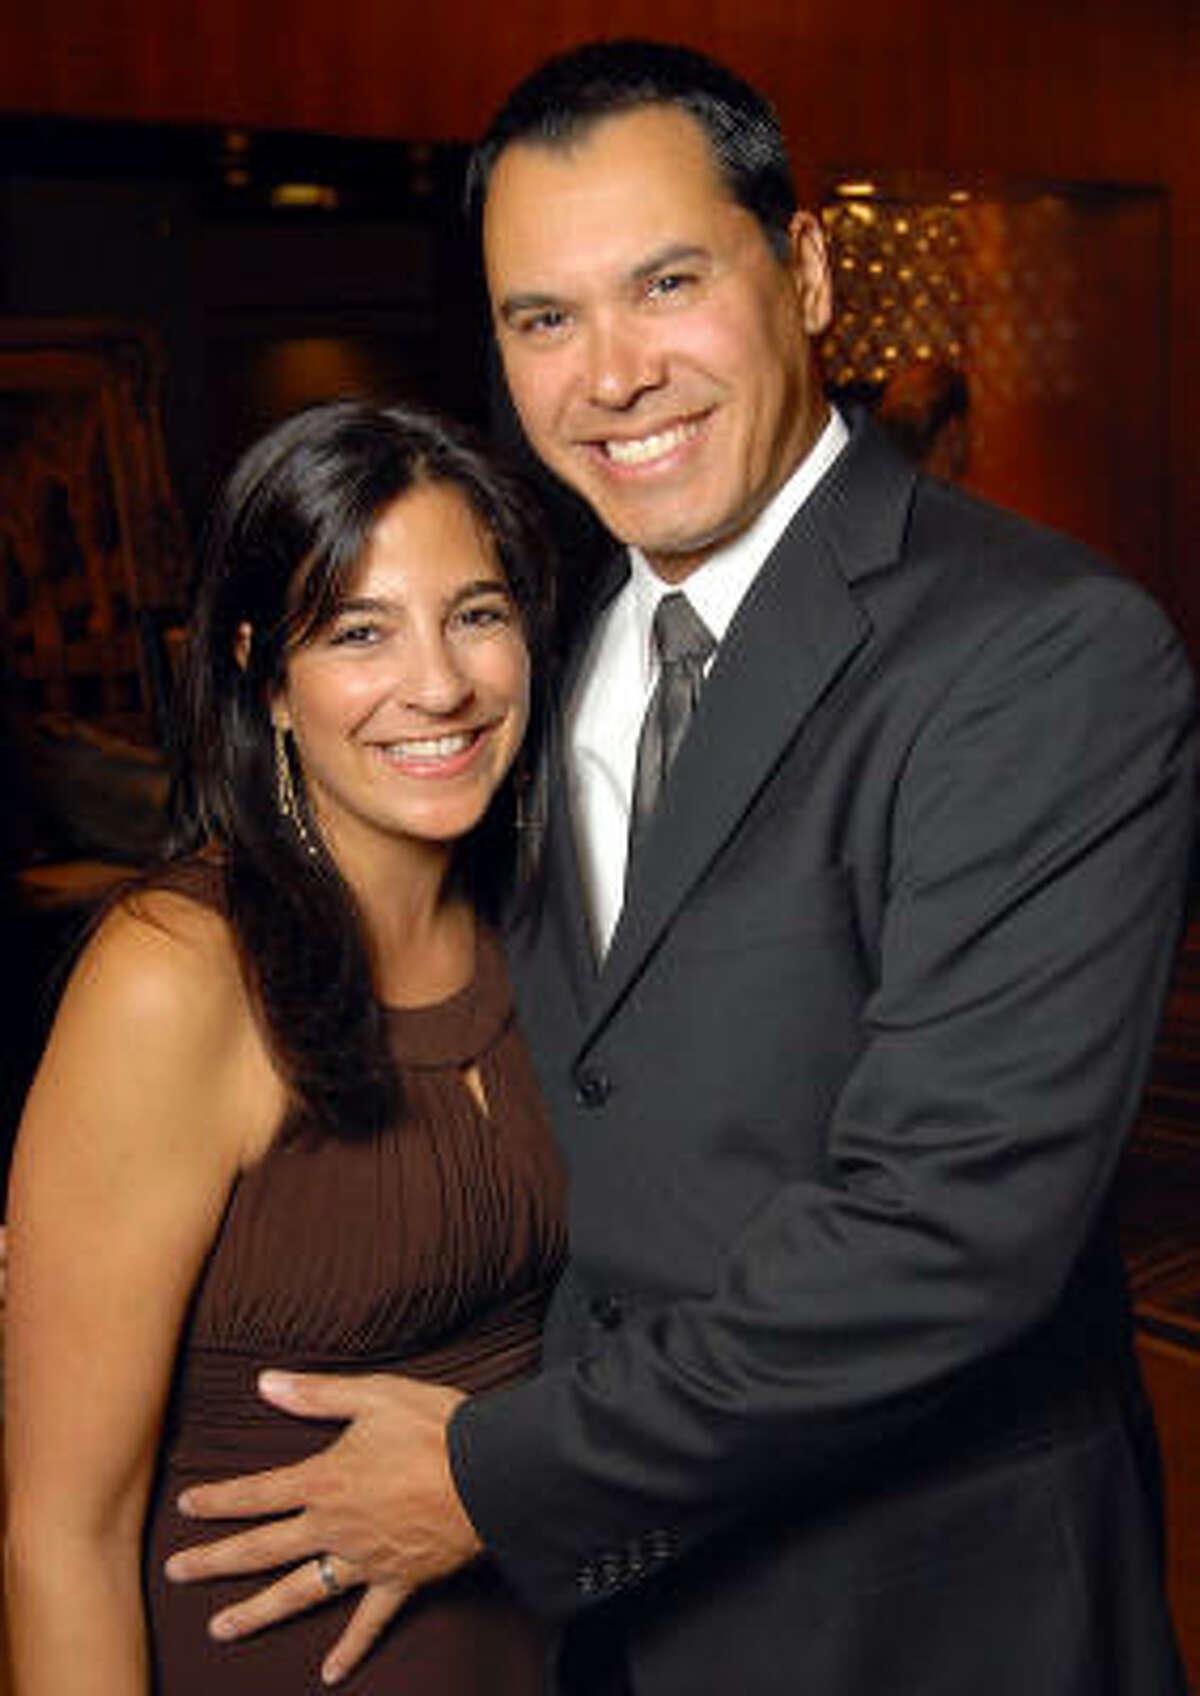 Joanna and Sheldon Krancher